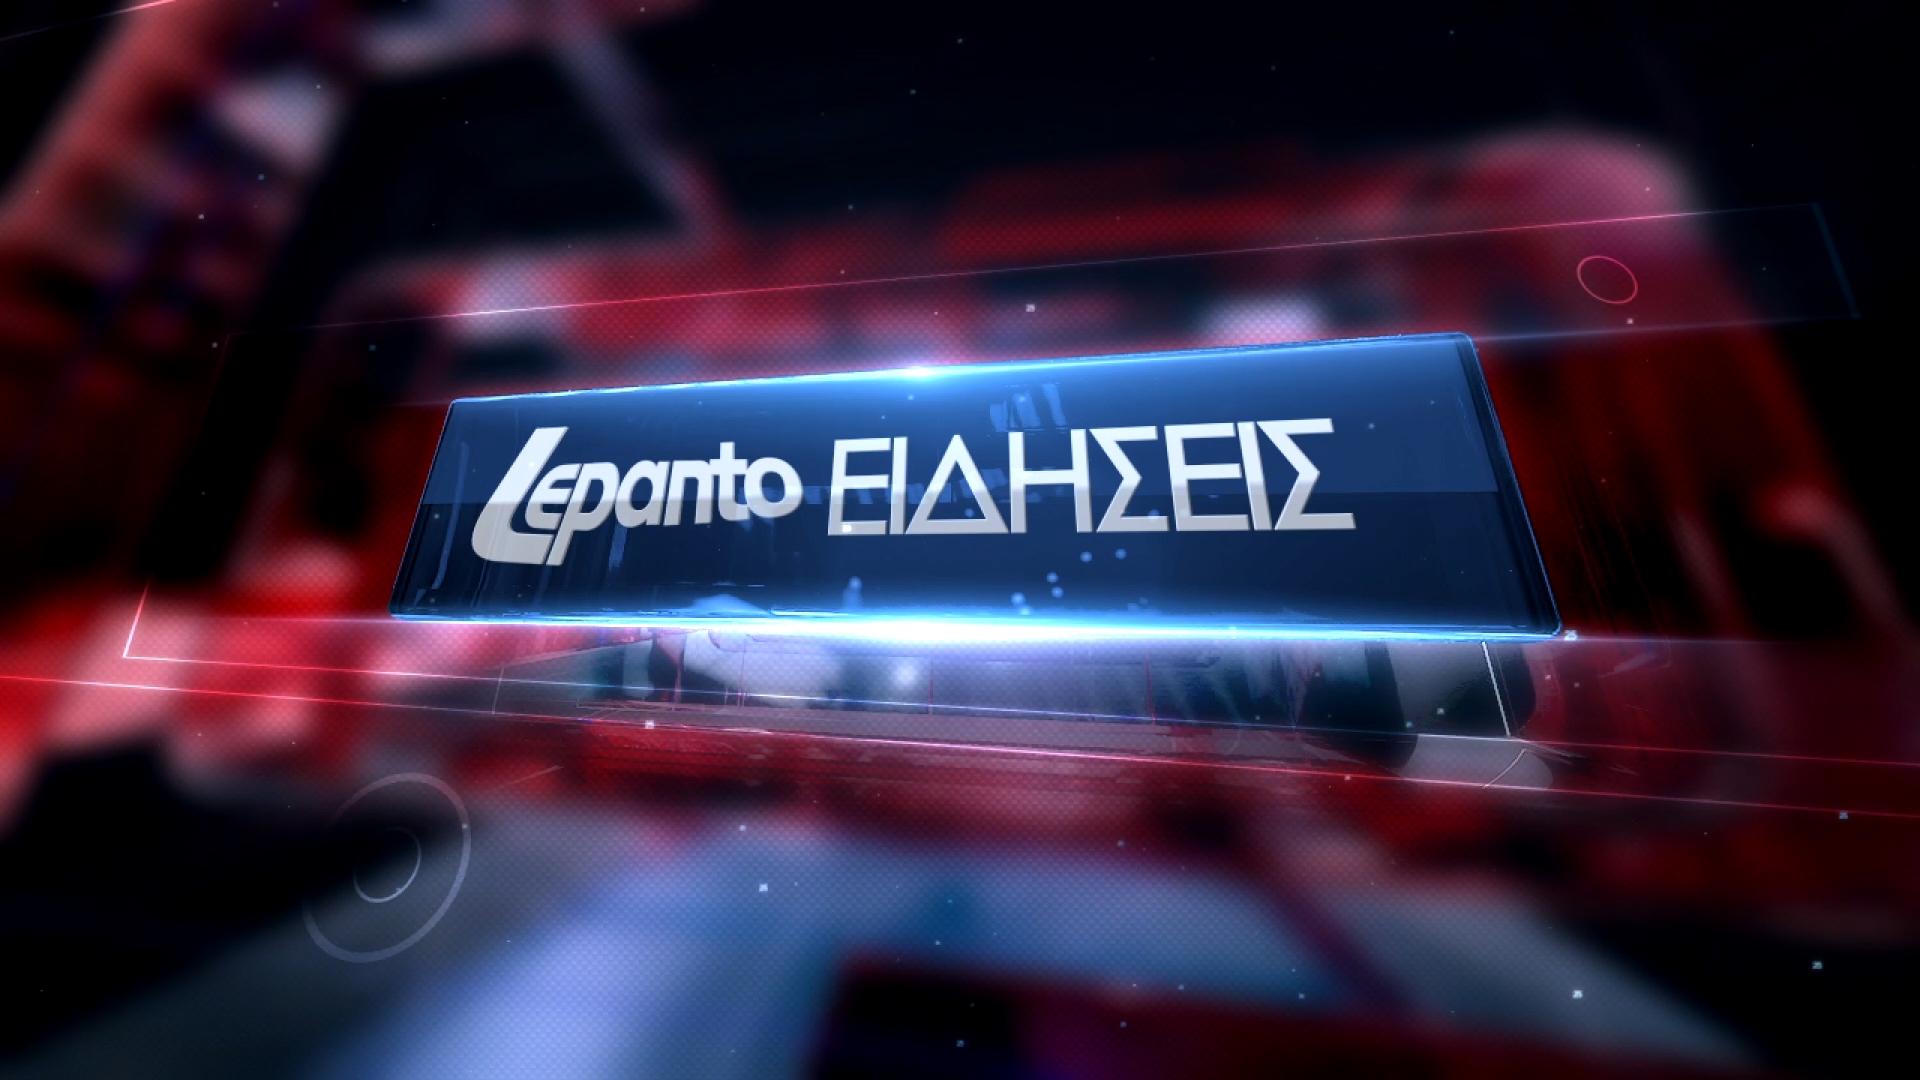 Νέα ώρα για το δελτίο ειδήσεων του Lepanto - Κάθε βράδυ στις 21:00